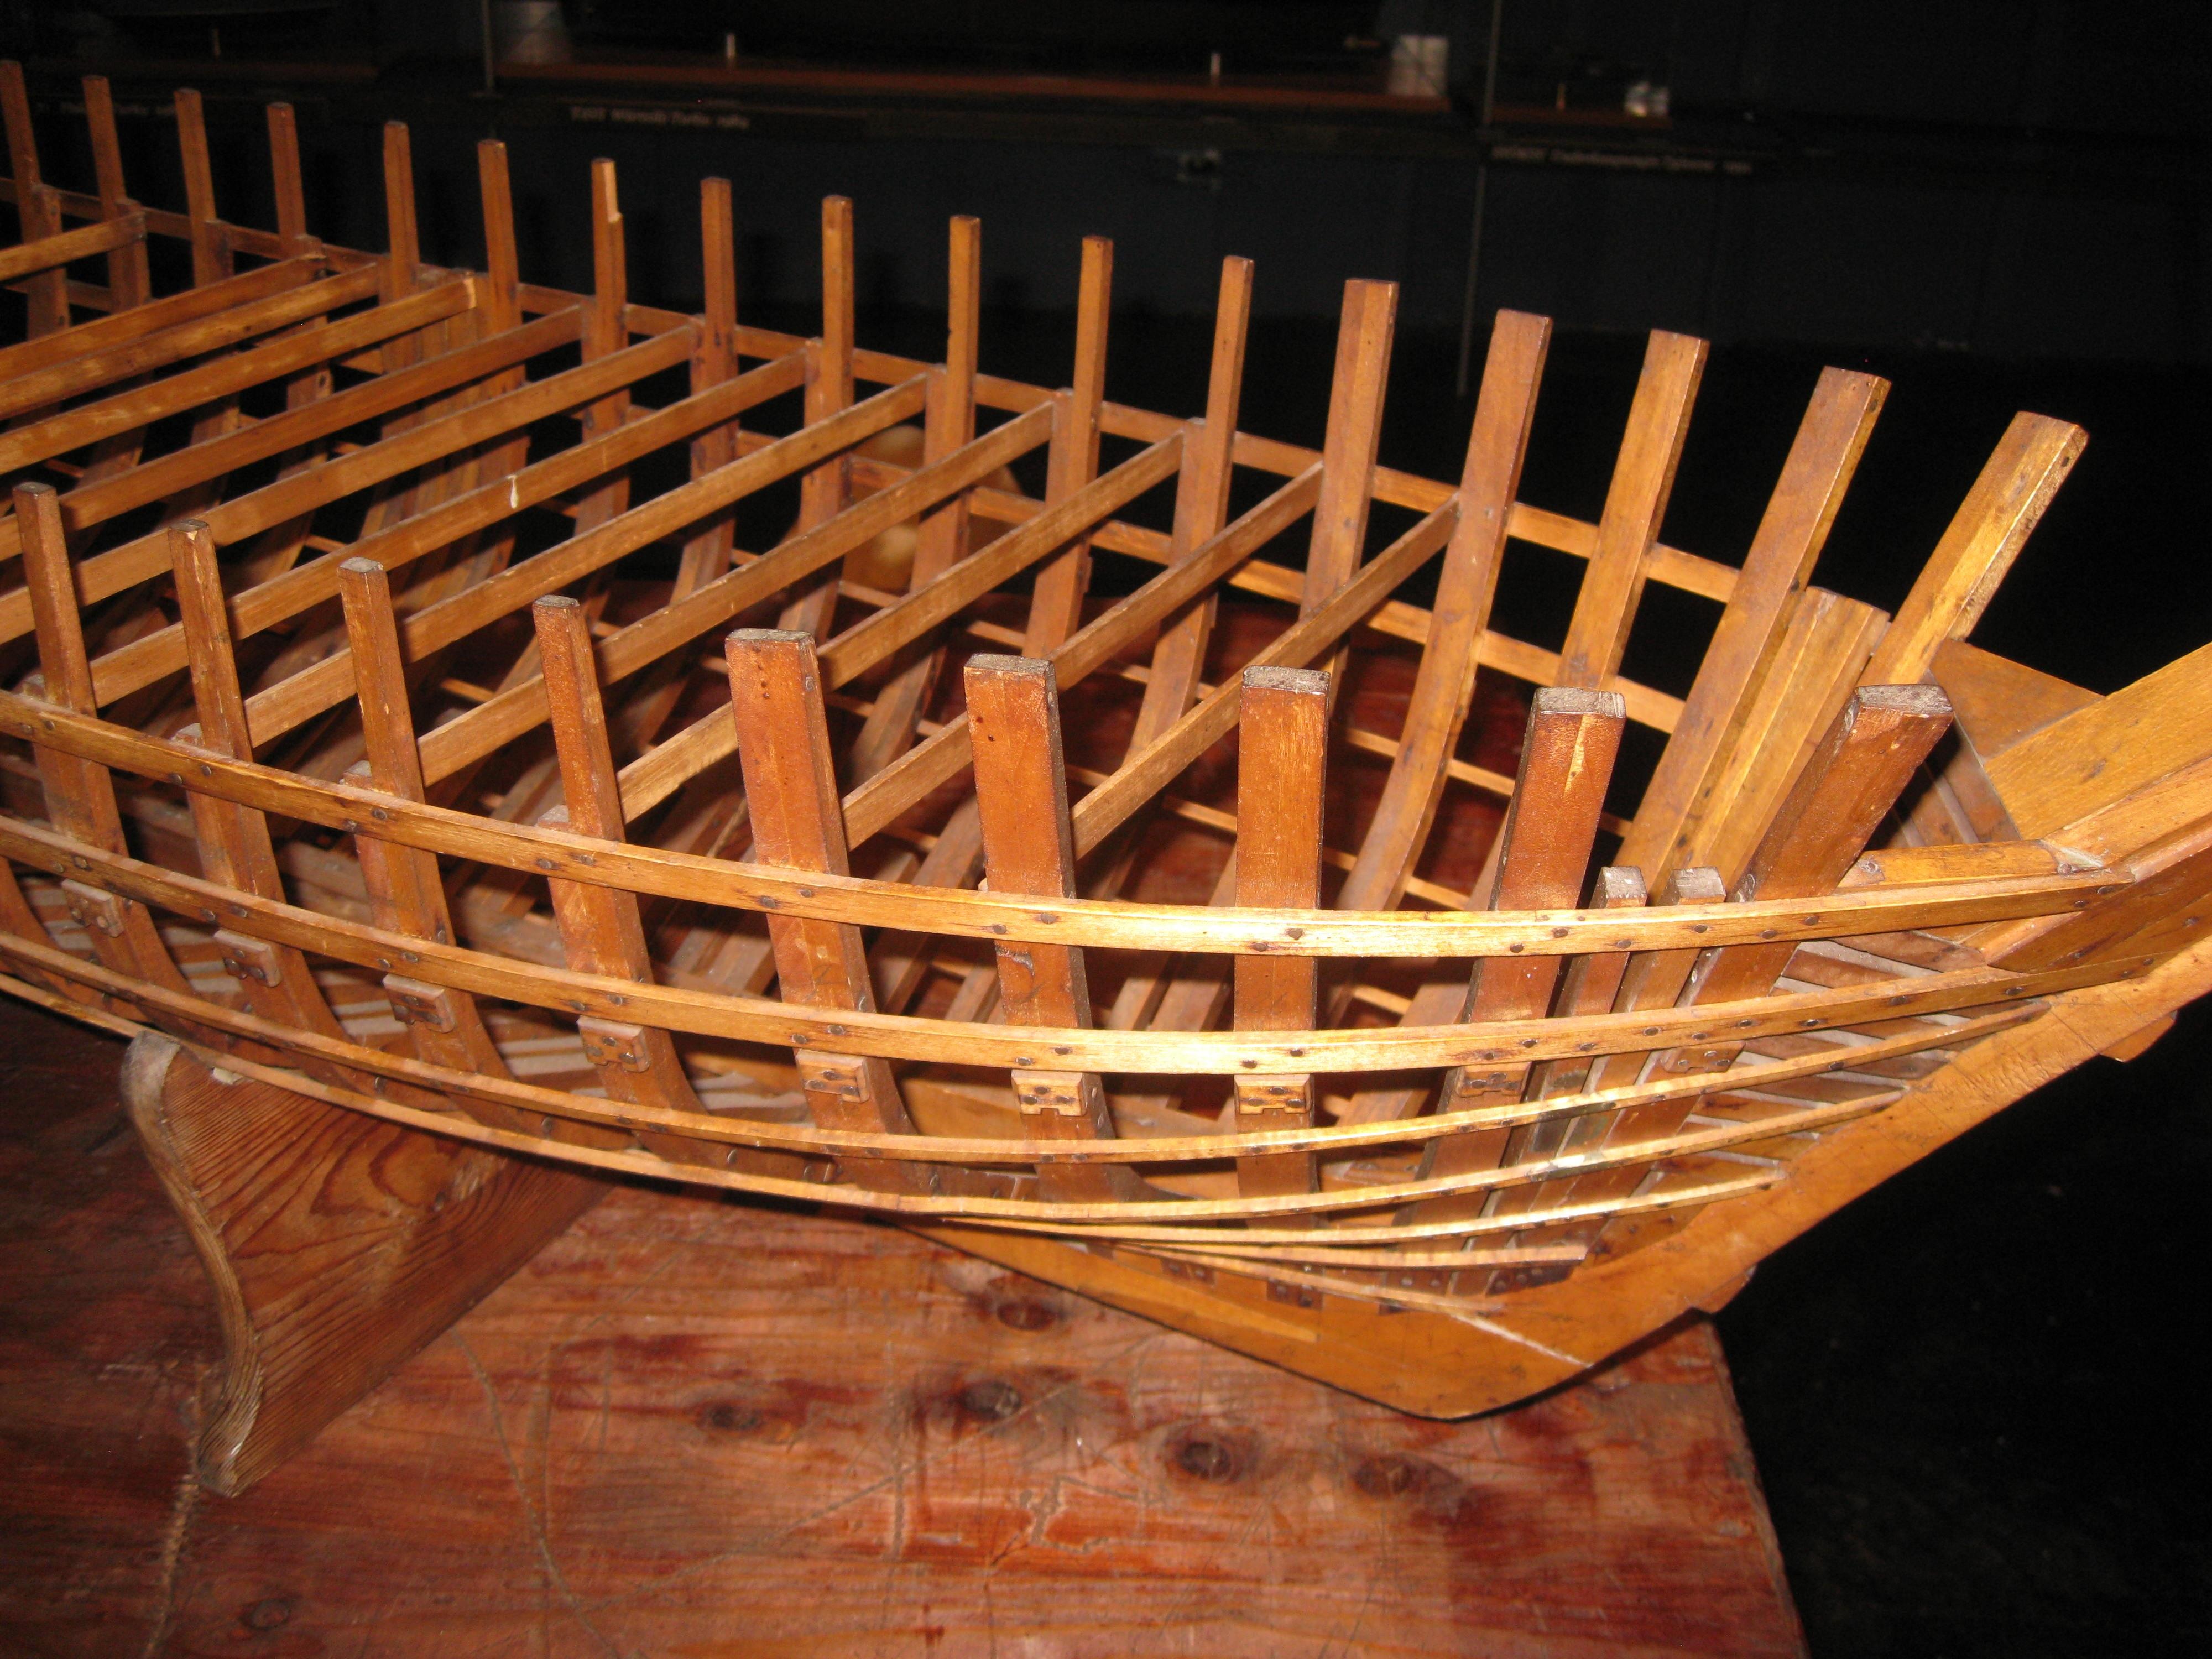 Fotos gratis : mesa, madera, barco, silla, enviar, marco, mueble ...